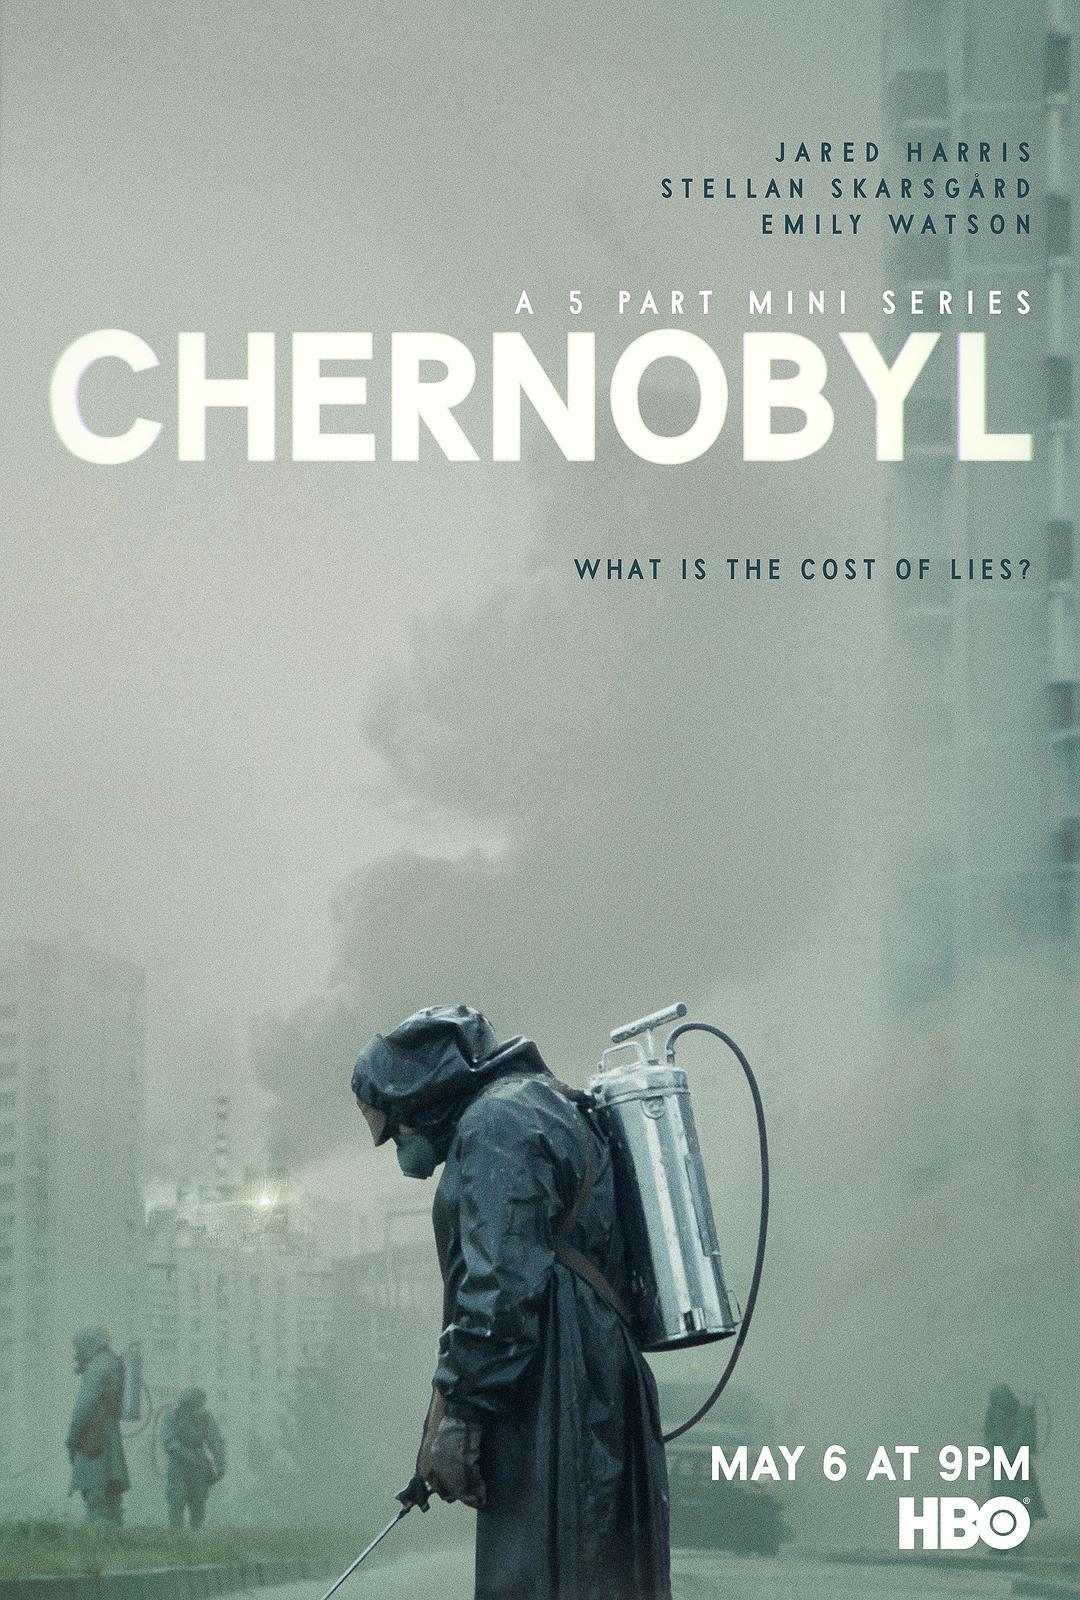 《切尔诺贝利》只要真相引人不悦,我们就谎话连篇(内含百度网盘资源)-DIG电影